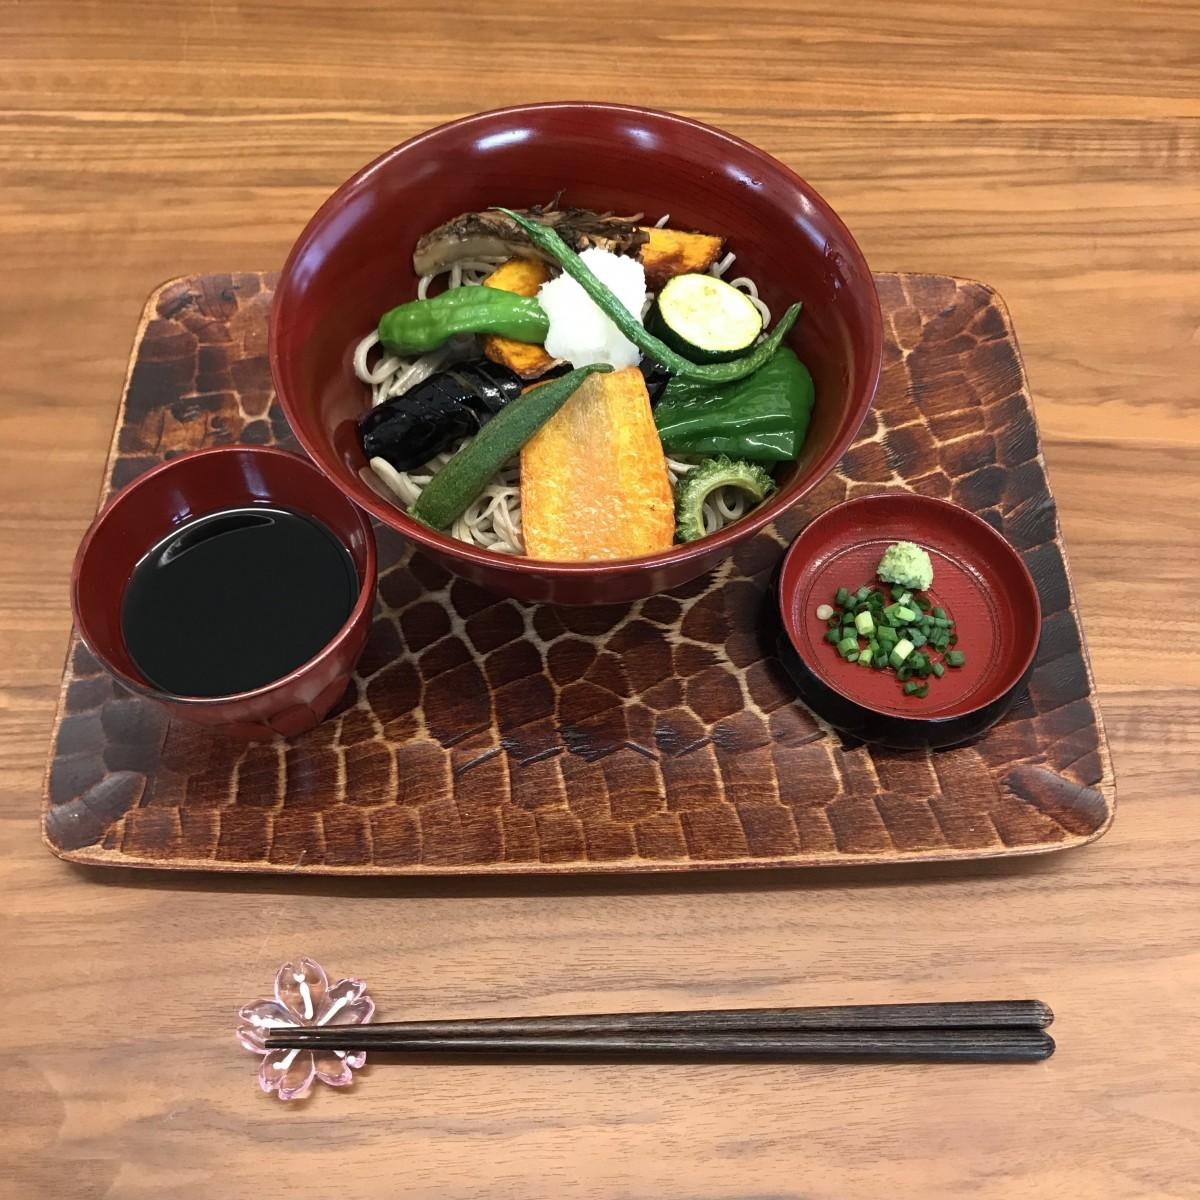 「山盛り揚げ野菜の冷たいそば」(972円)